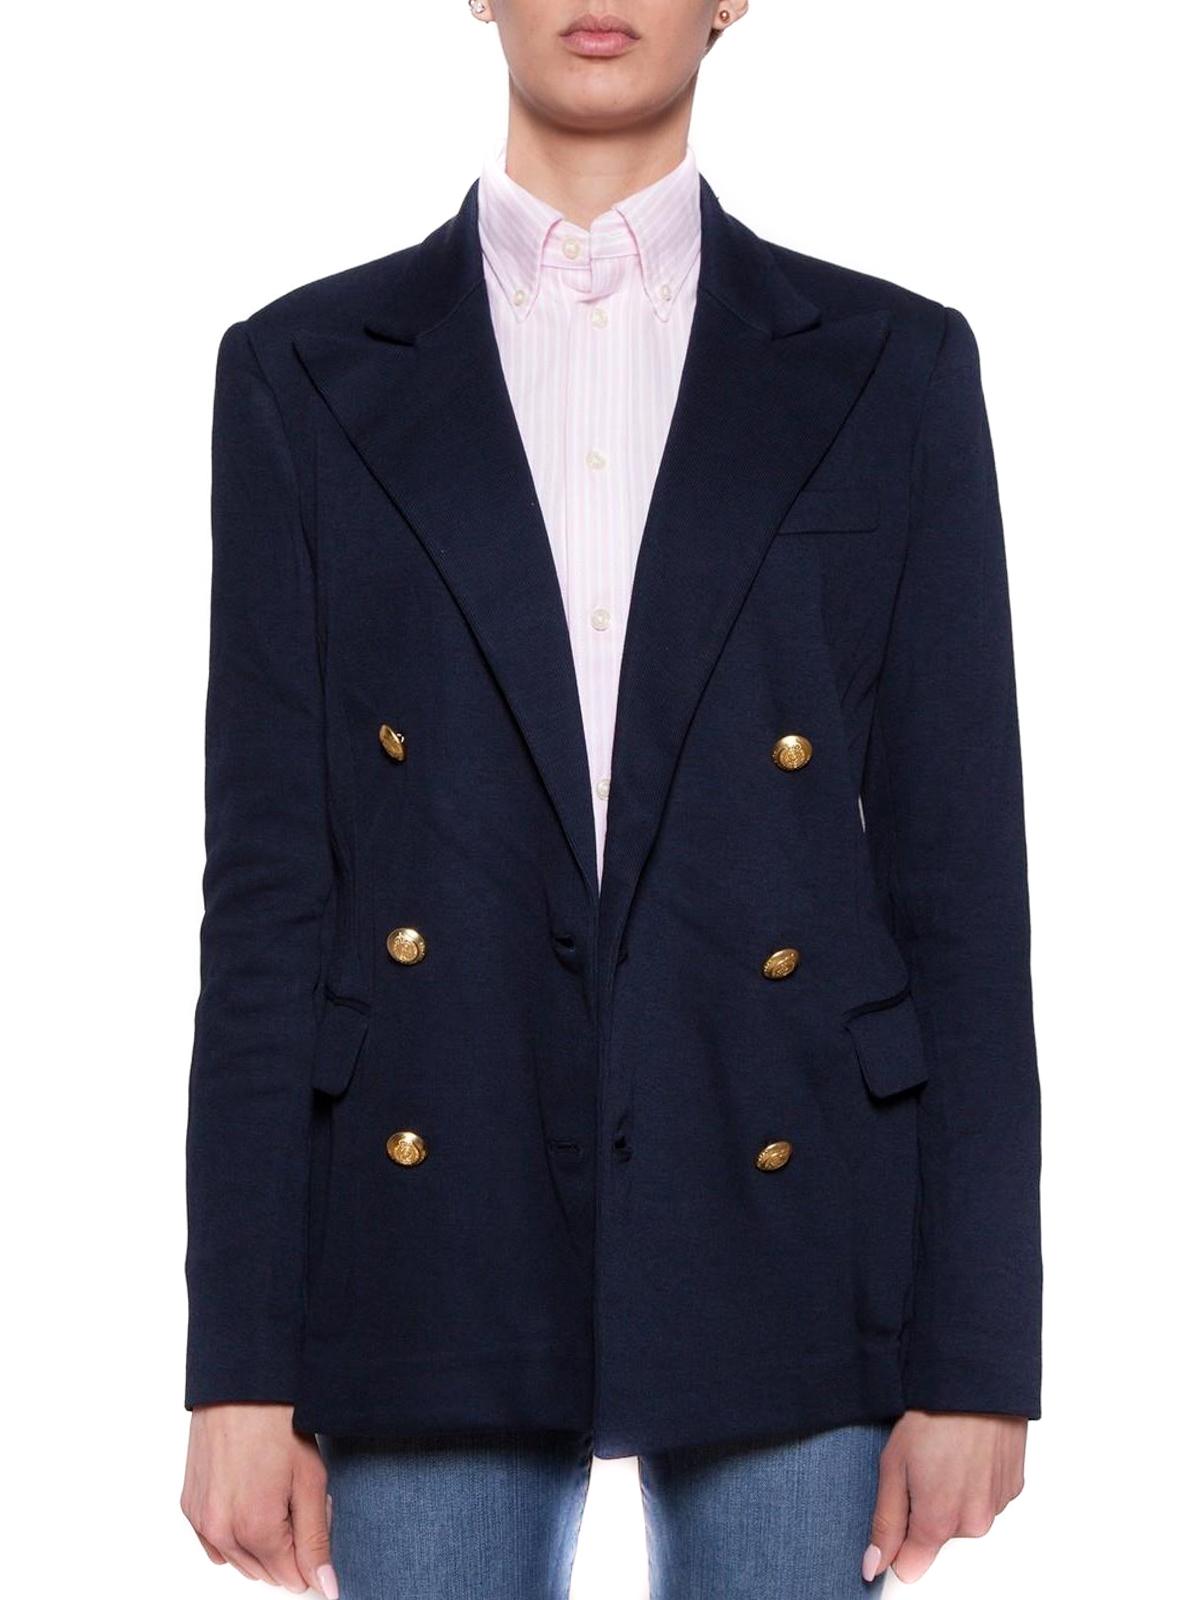 Bleu Costume Foncé Ralph De Vestes Polo Lauren Blazer A5c3RjL4q